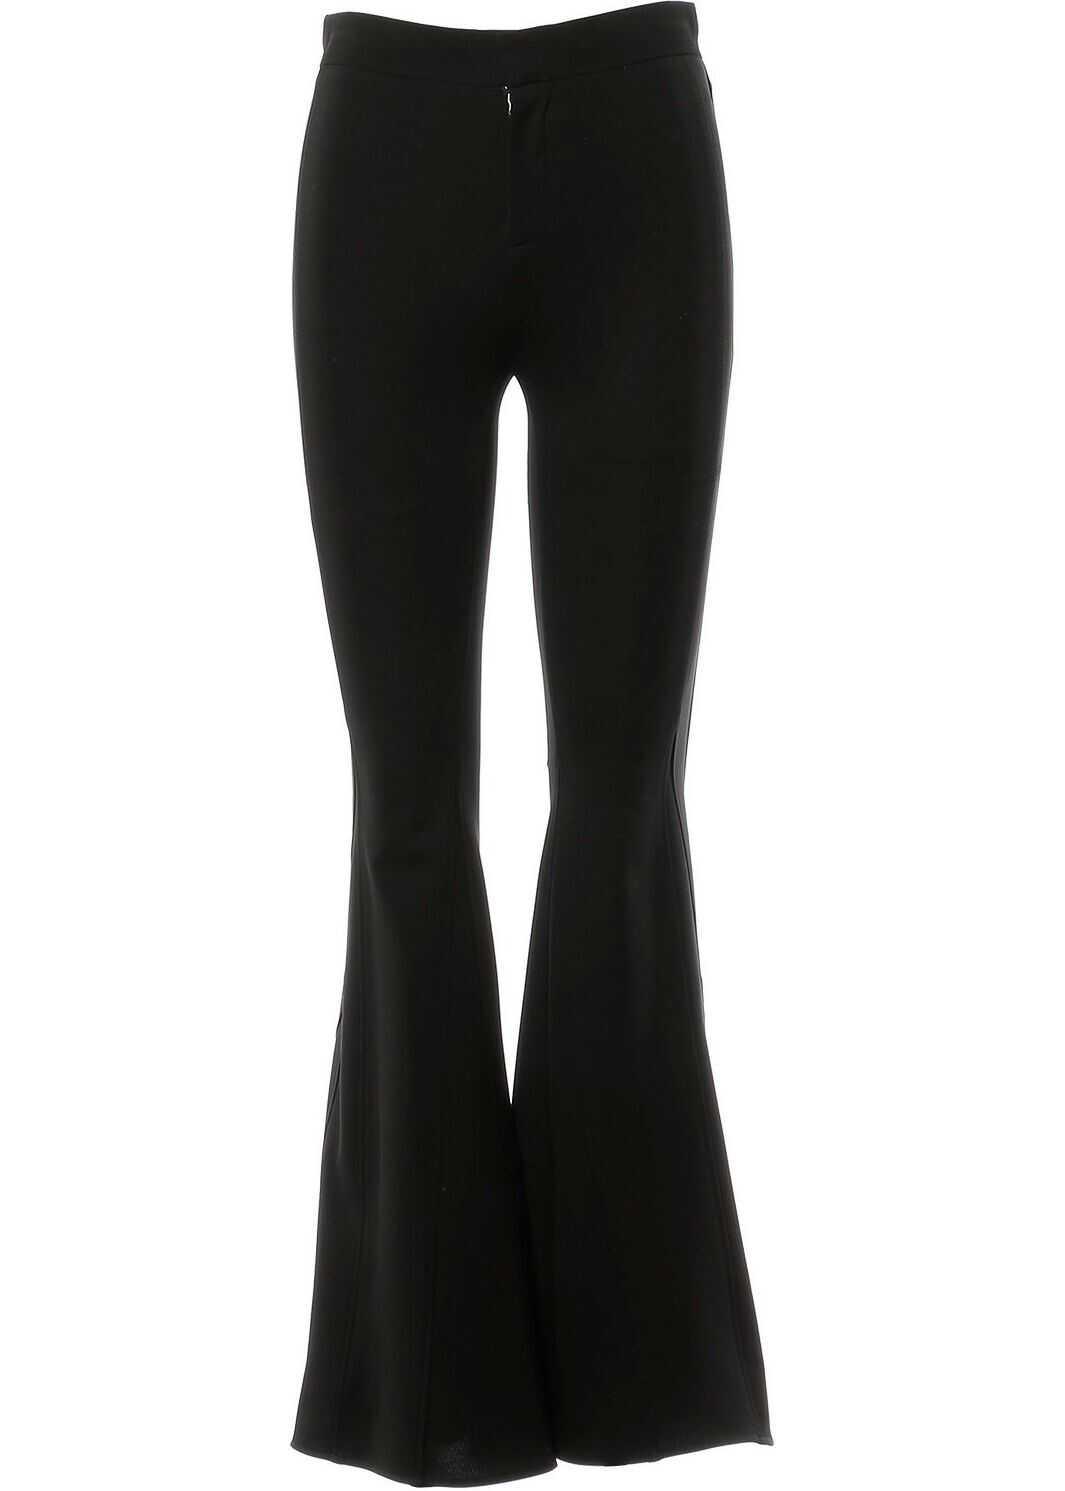 Givenchy Viscose Pants BLACK